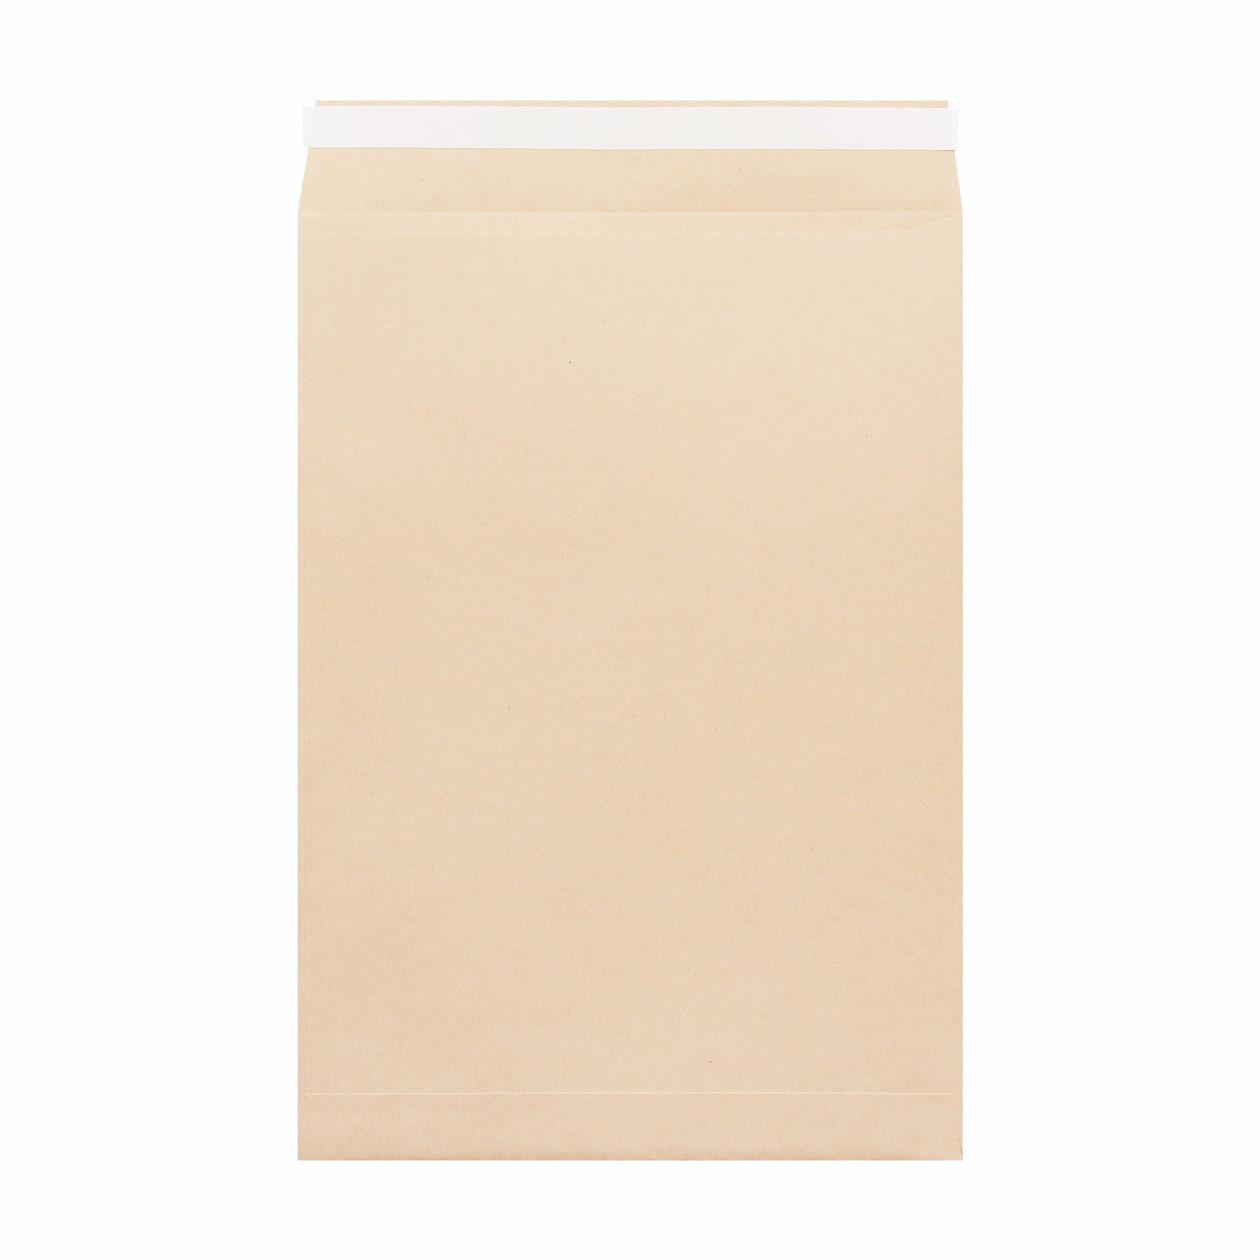 角20窓封筒 HAGURUMA Basic ウッドブラウン 100g テープ有